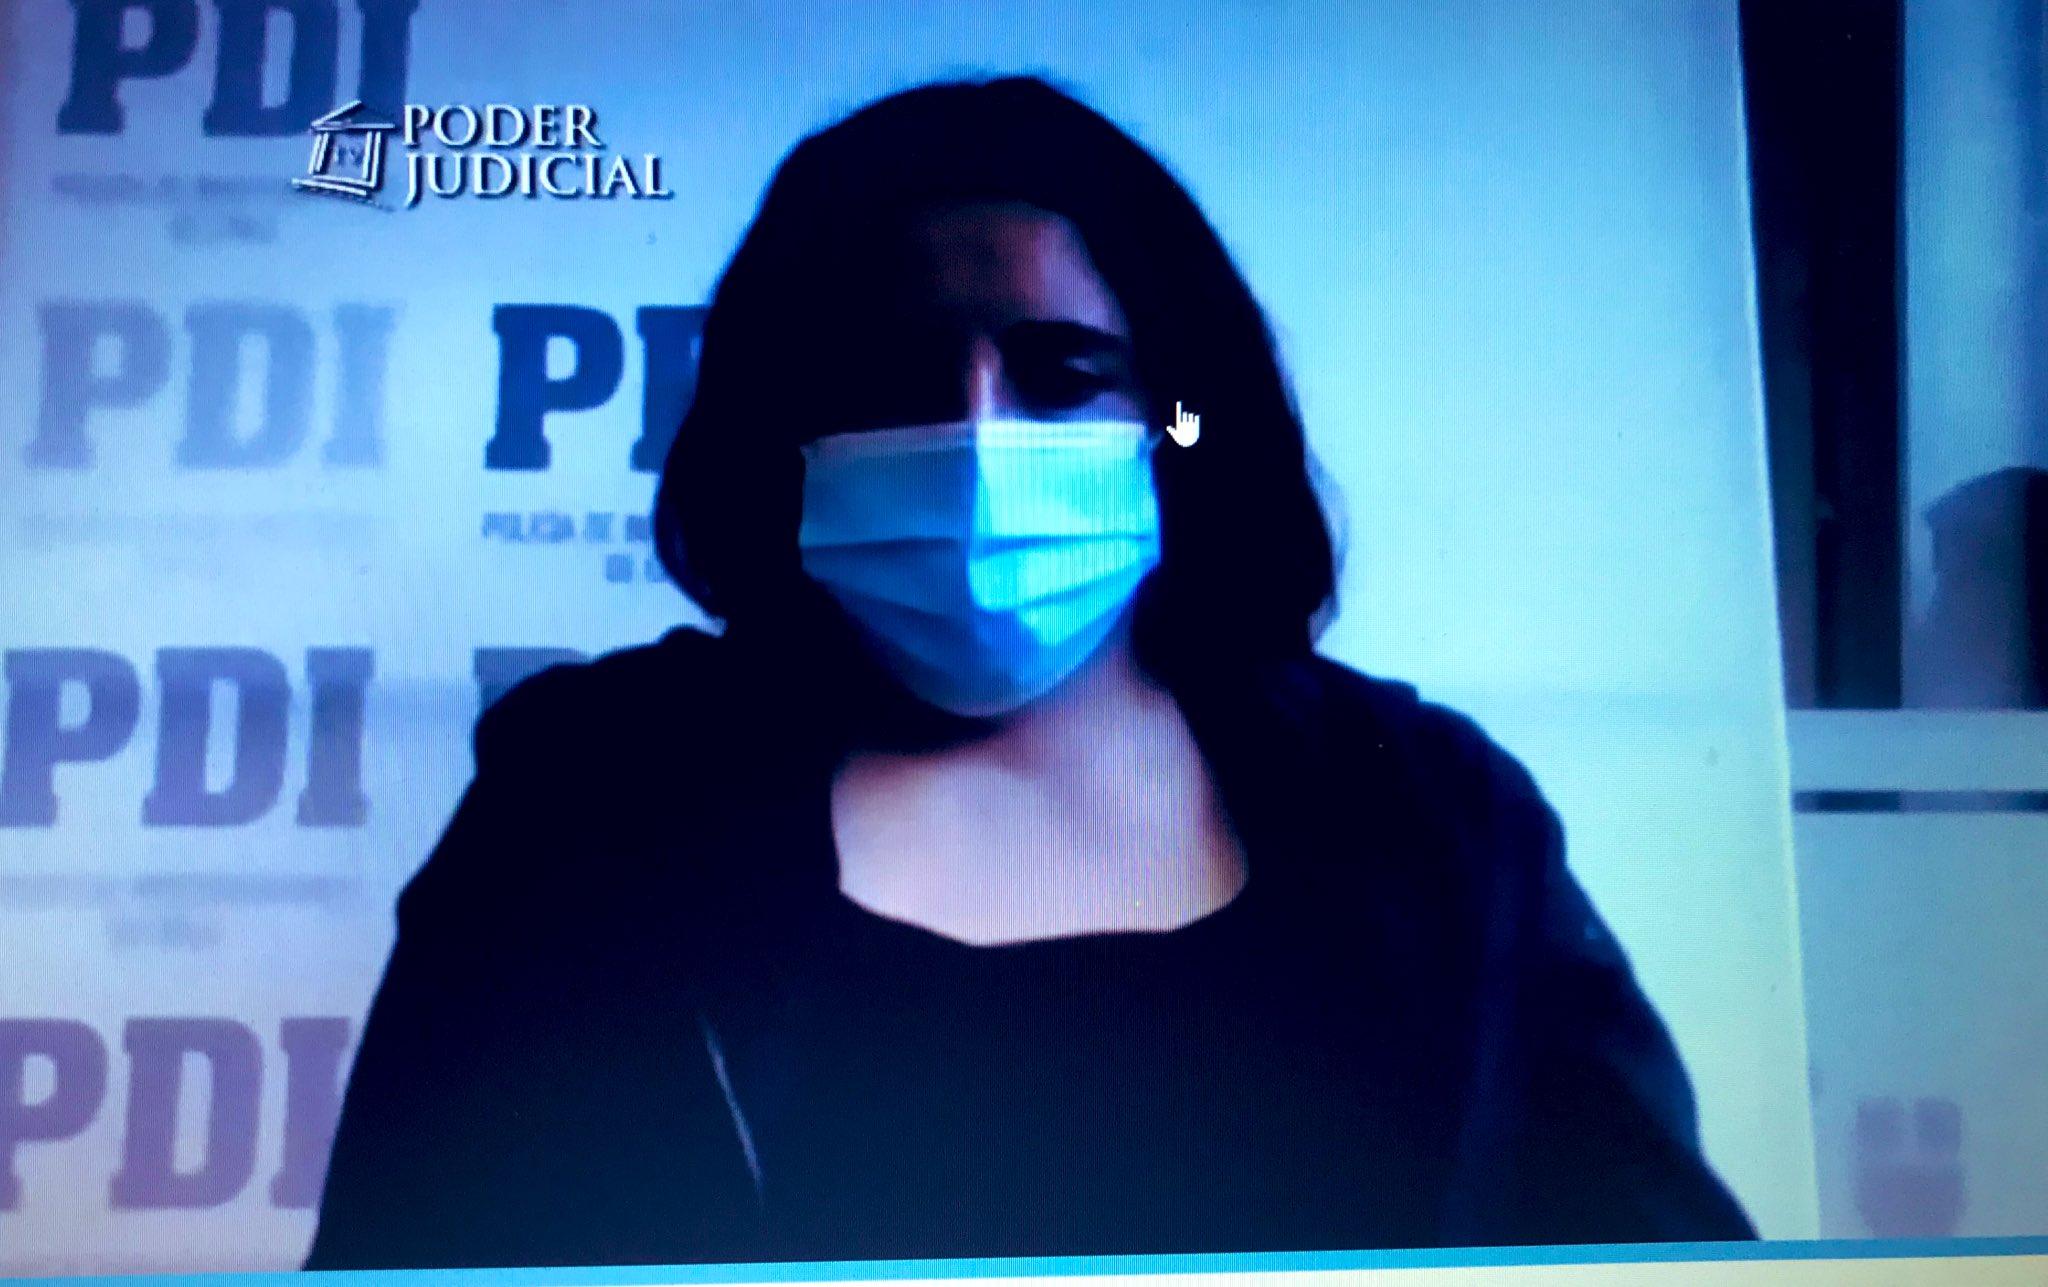 caso de Ámbar cornejo: Su mamá ahora es imputada de ocultar el cuerpo de su hija